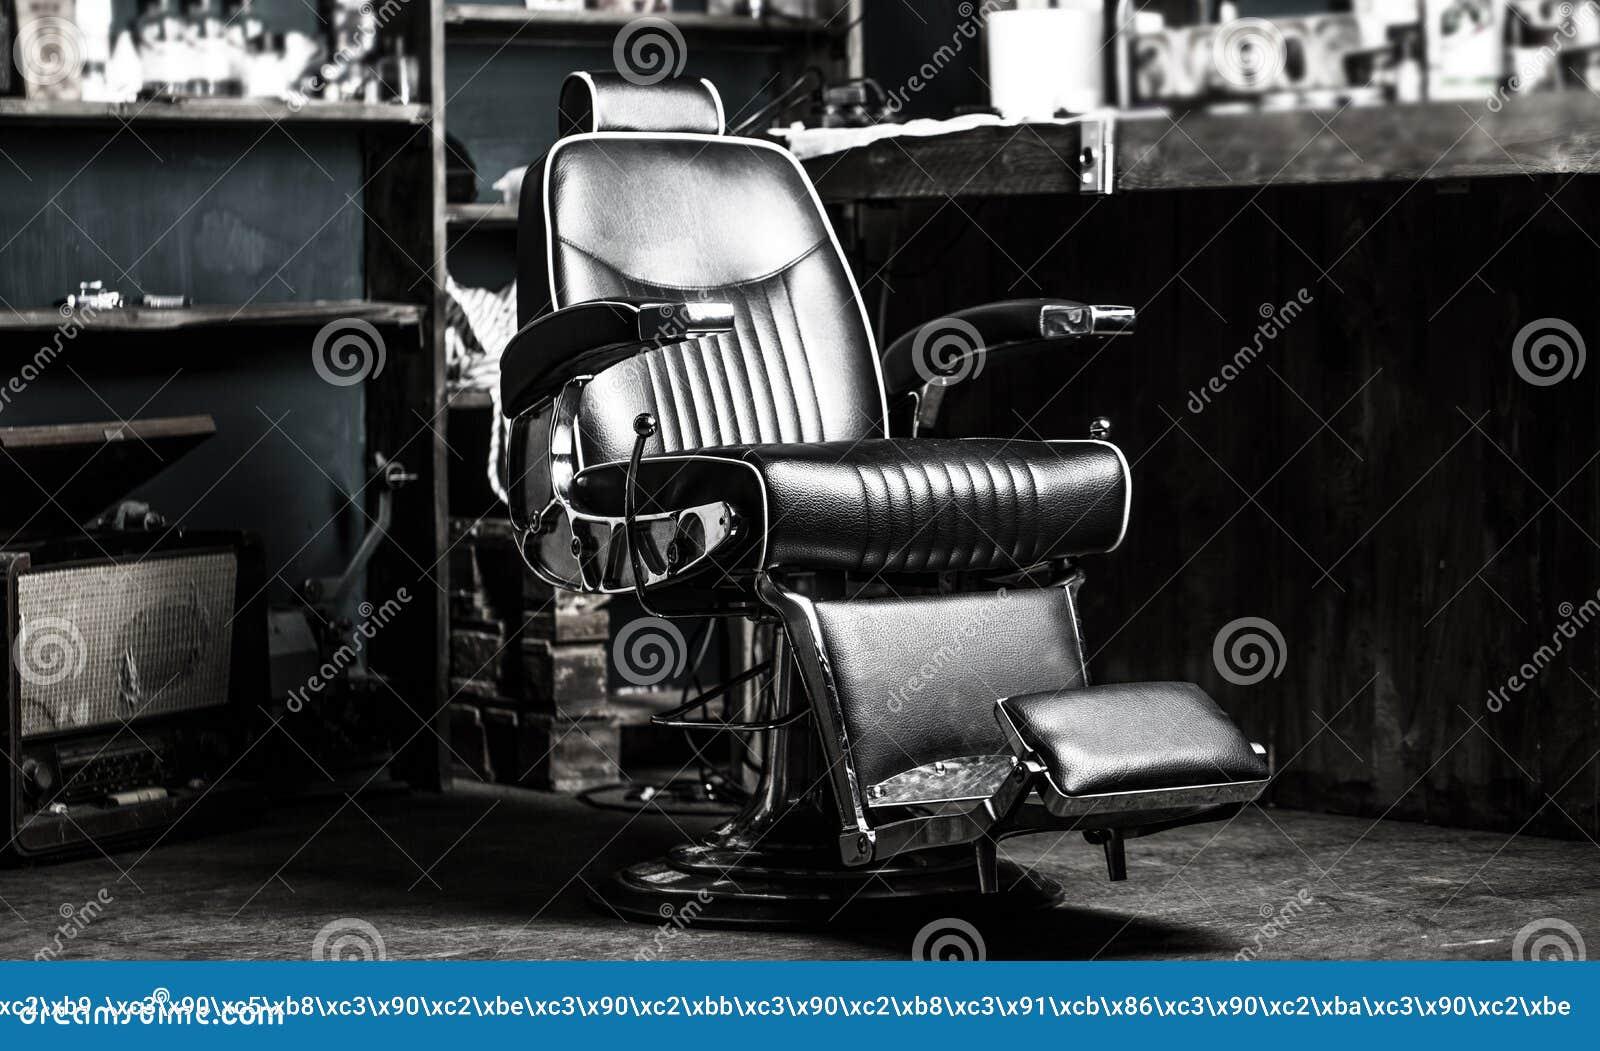 Sedia del negozio di barbiere Barber Chair d annata alla moda Poltrona del parrucchiere, parrucchiere moderno e salone di capelli